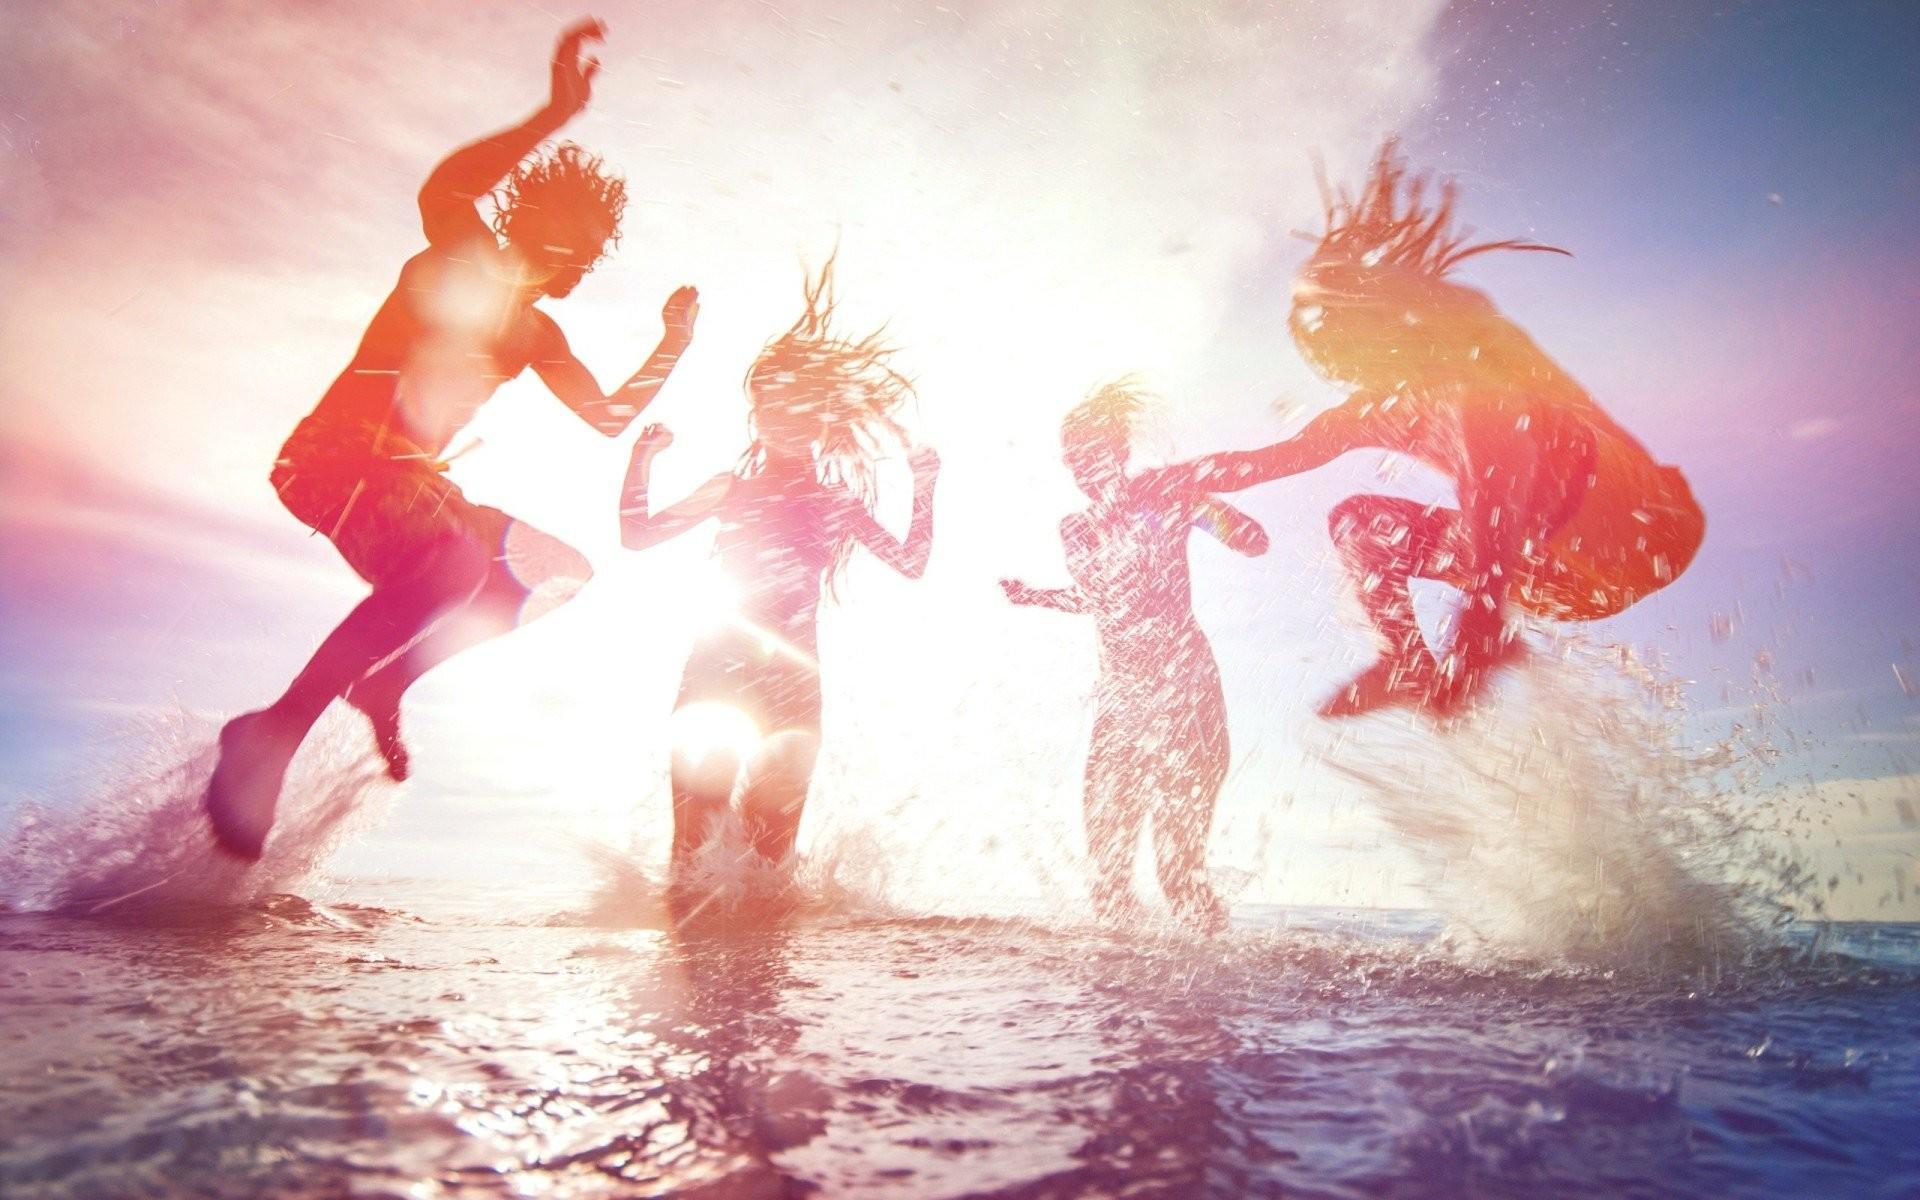 man sports sky tan people beach light june jumping friends summer ocean  foam balloon water sun